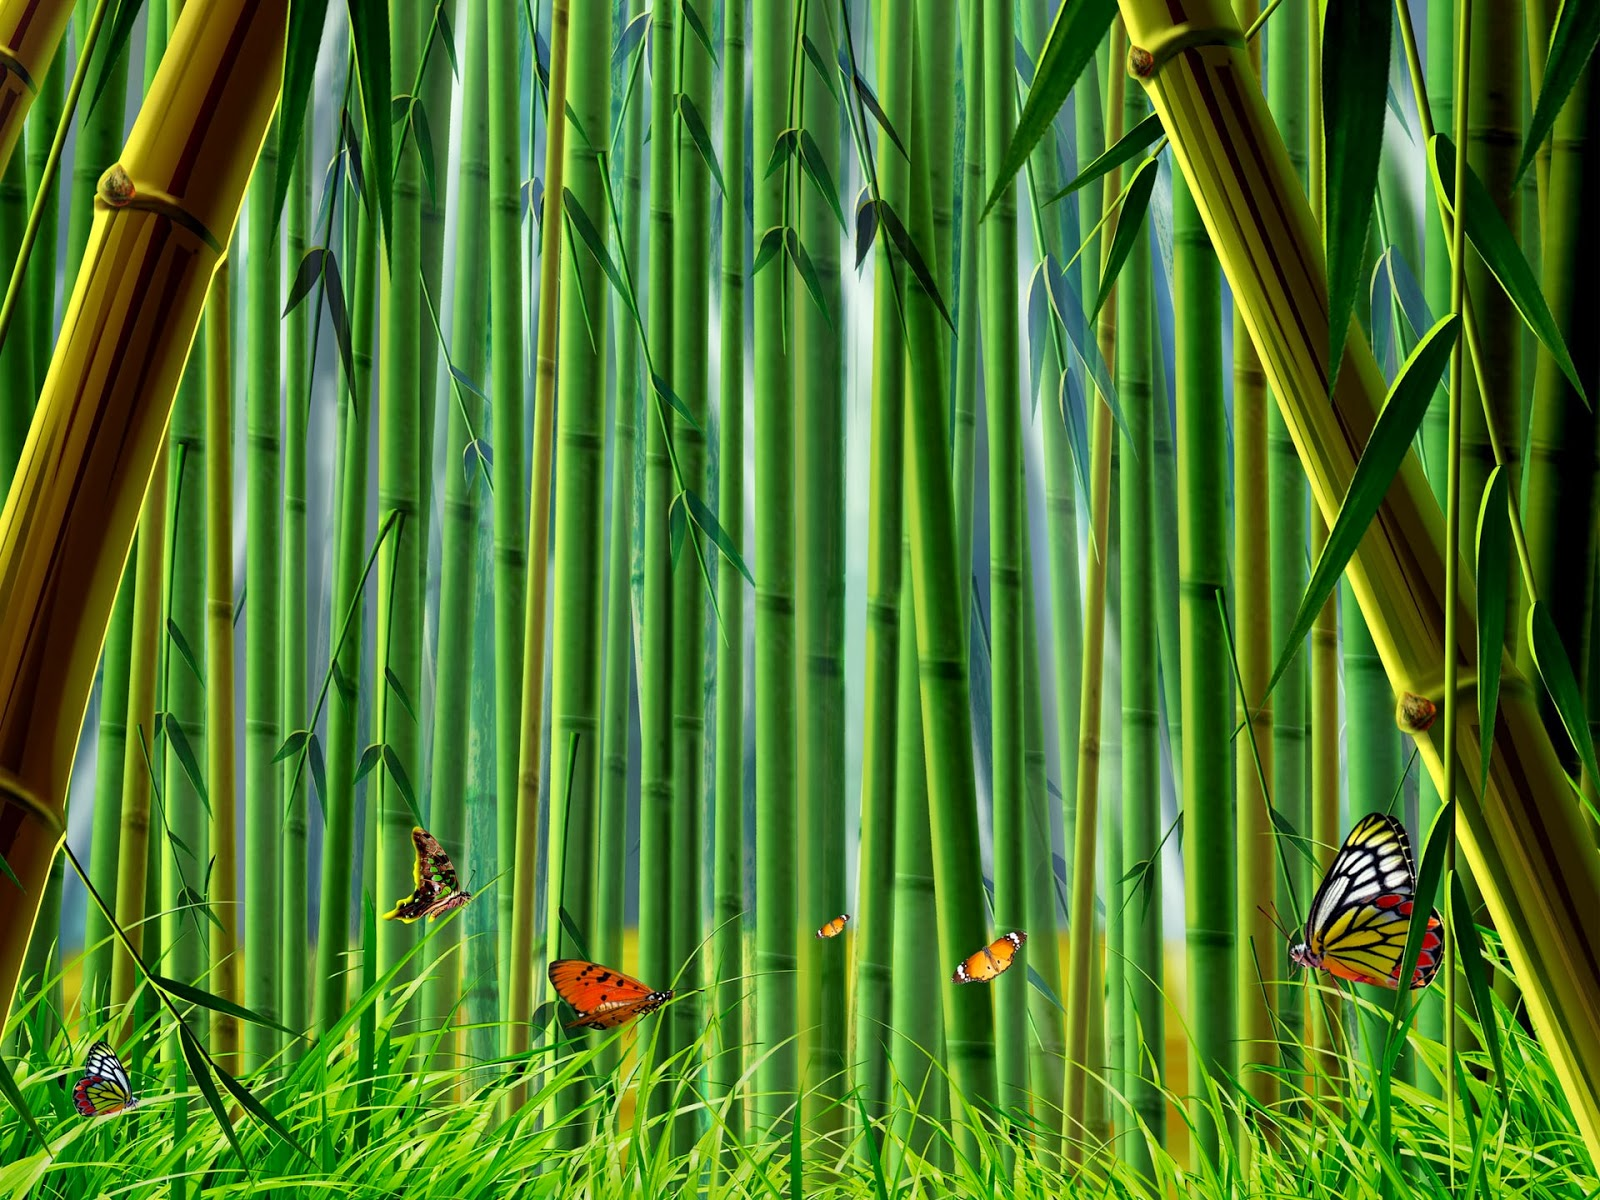 all new wallpaper : bamboo forest hd desktop wallpaper